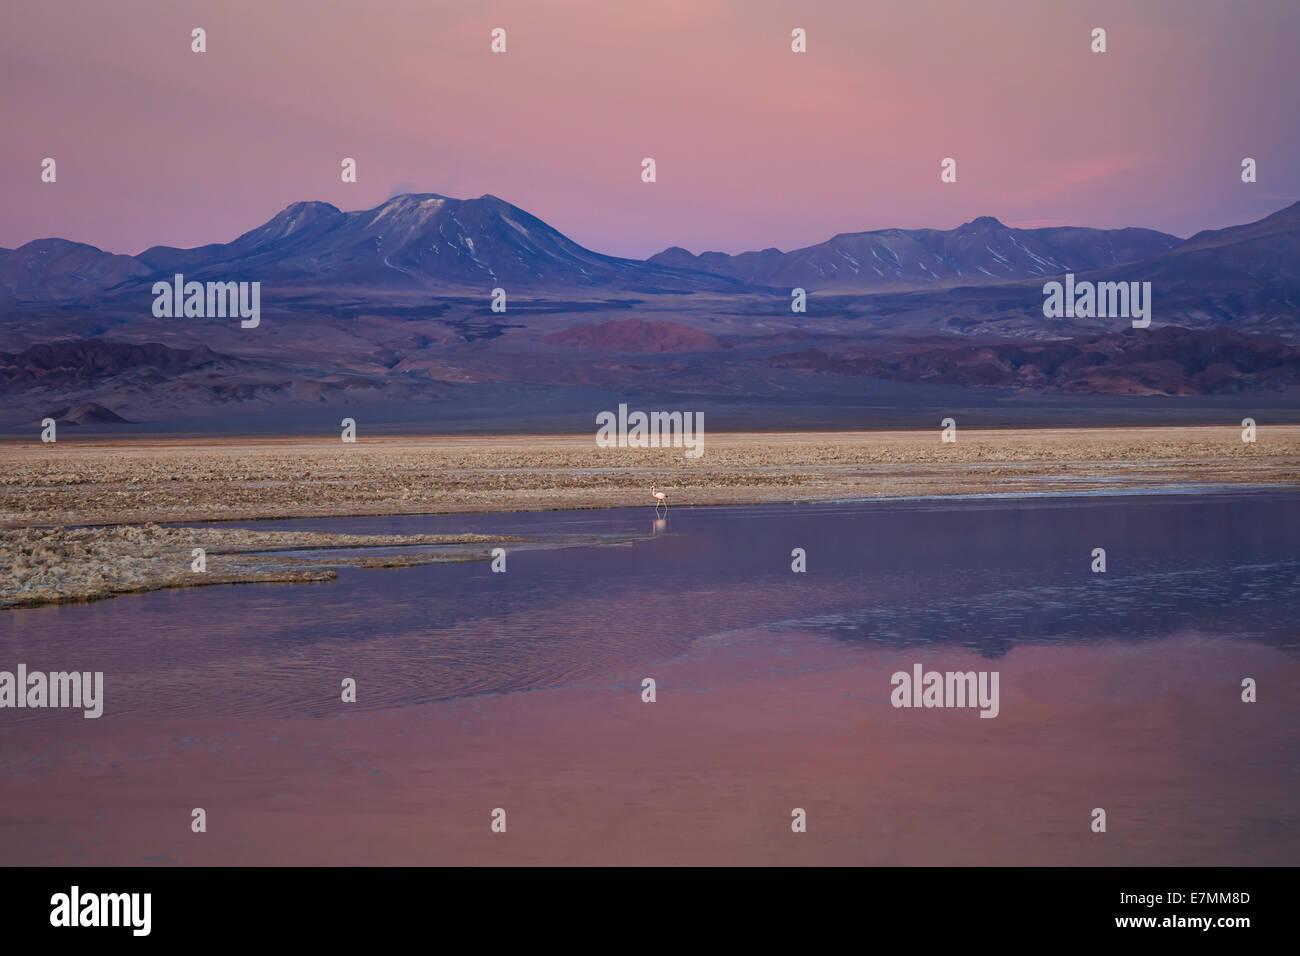 Chile, El Norte Grande, Region de Antofagasta, Salar de Atacama, Laguna Chaxa Stock Photo